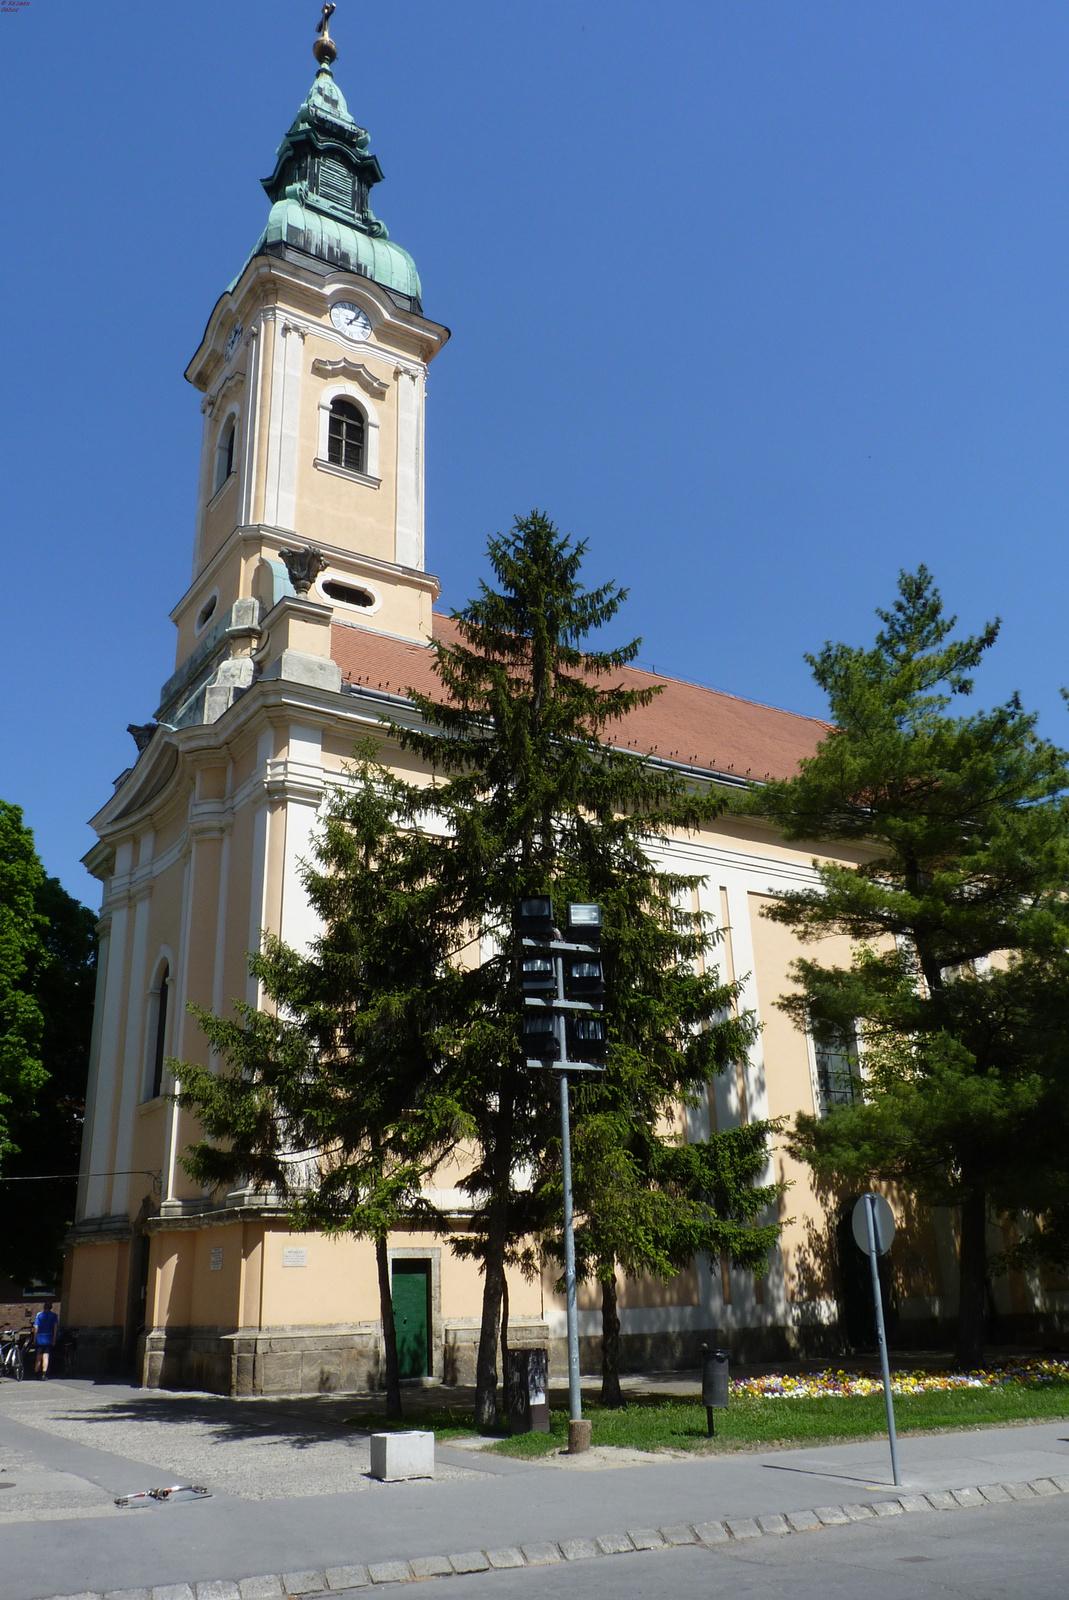 086-Szeged